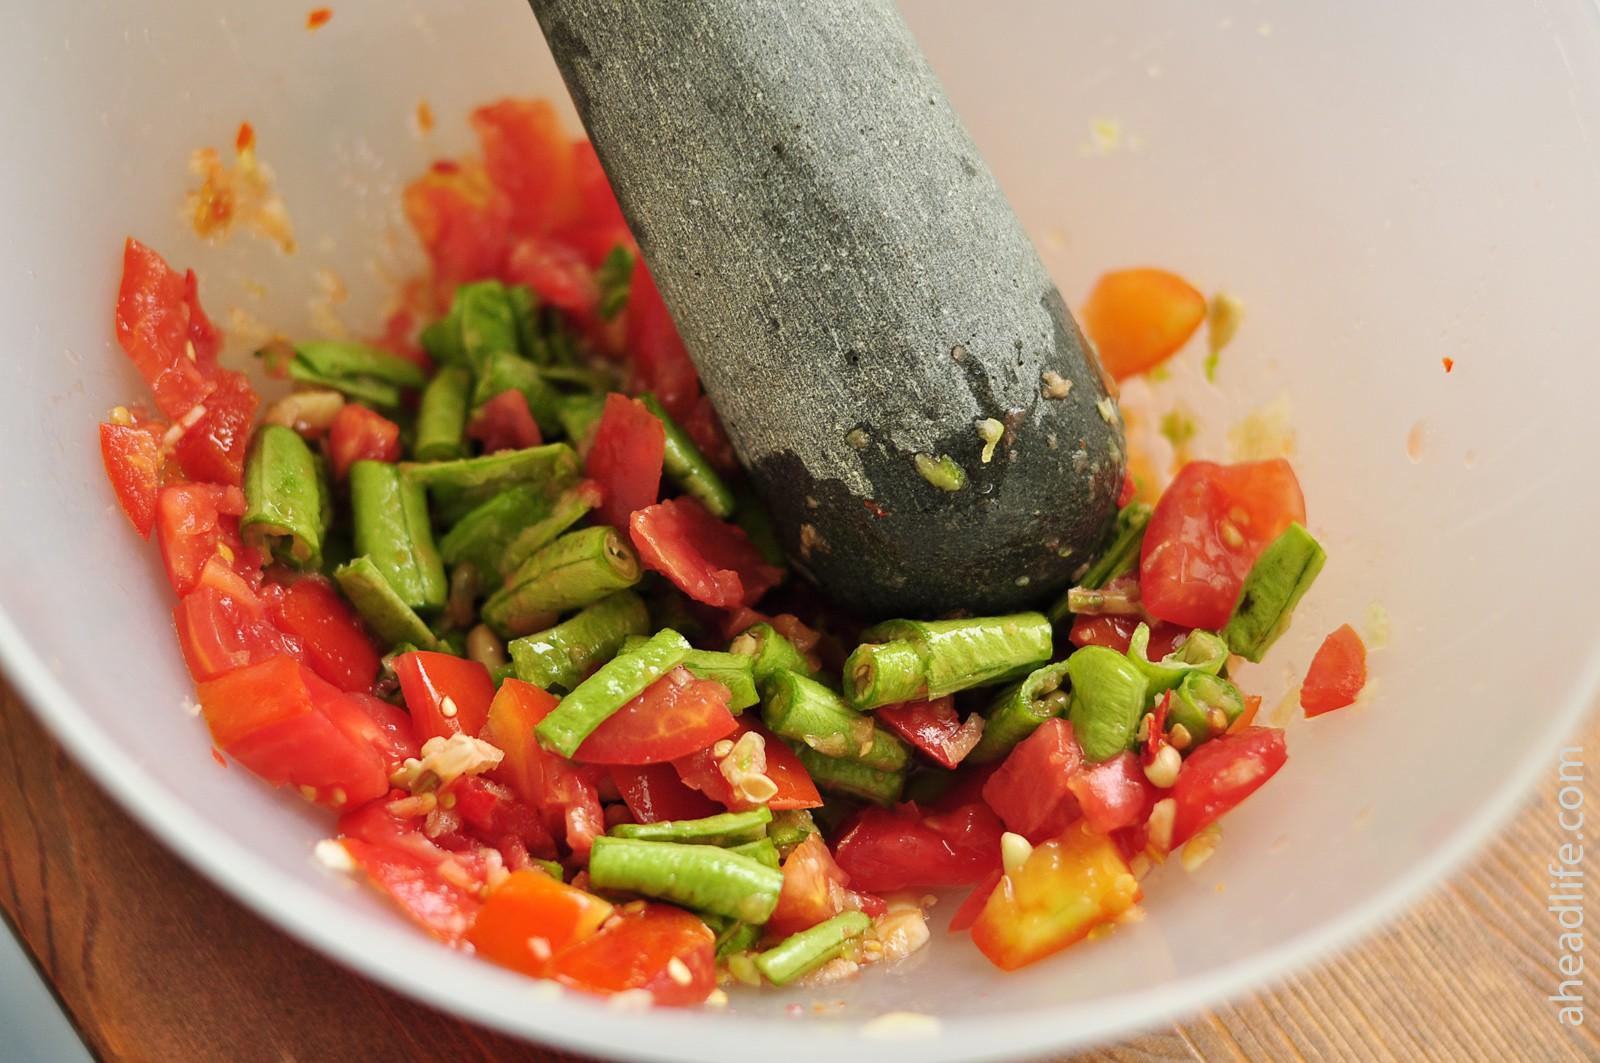 Салат из папайи Сам Том: как готовить